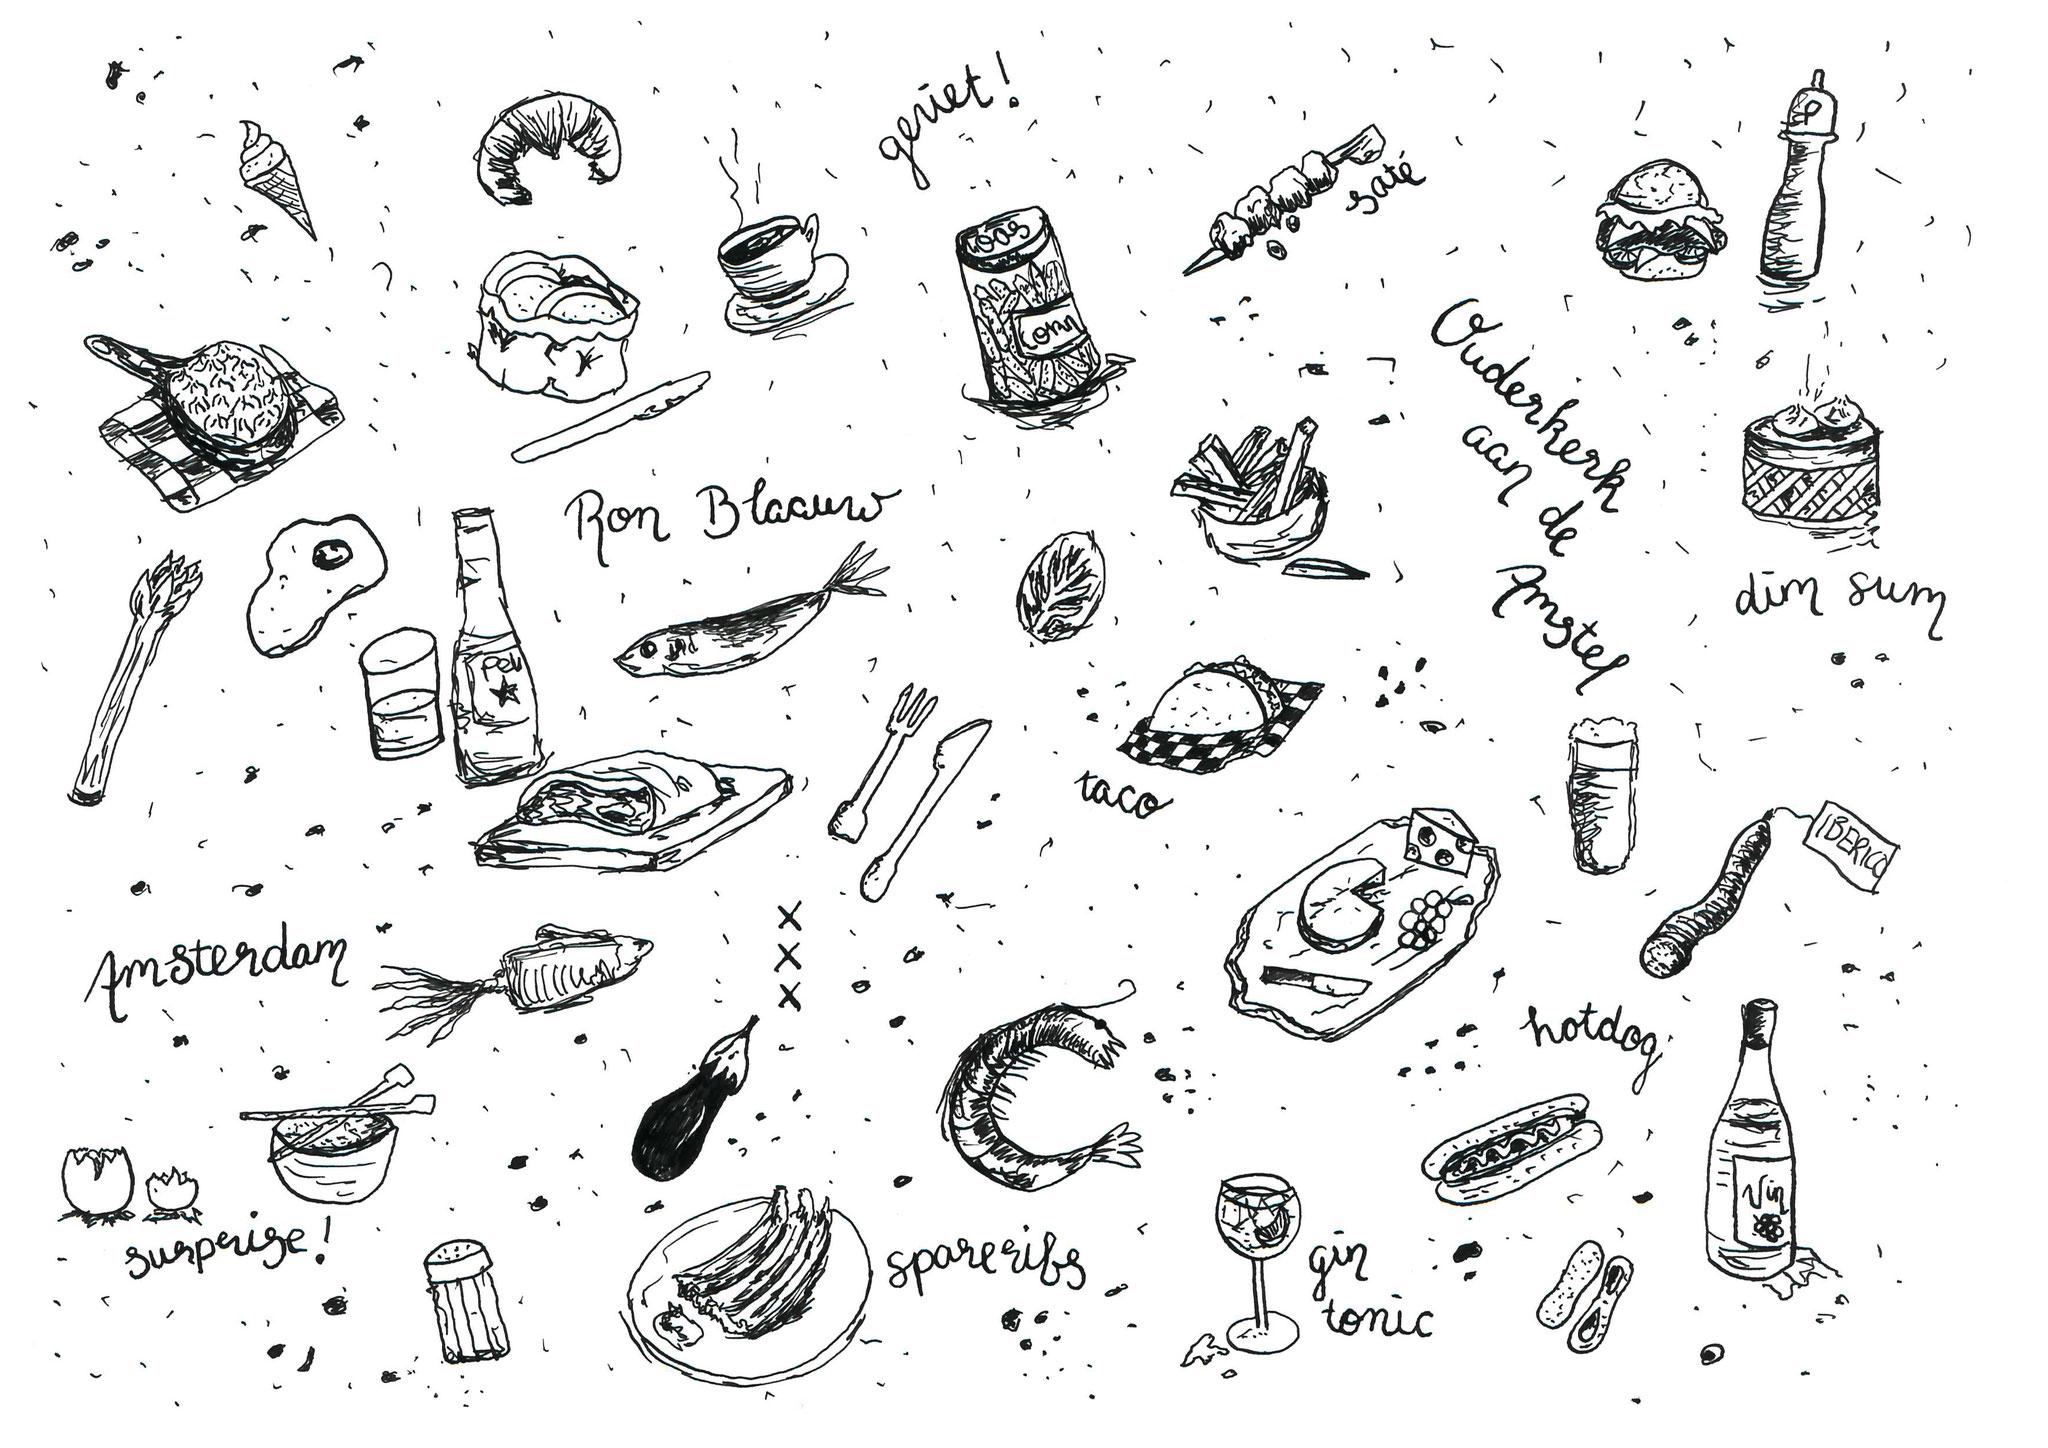 Ron Gastrobar - Amsterdam - Ontwerp voor restaurantbenodigdheden